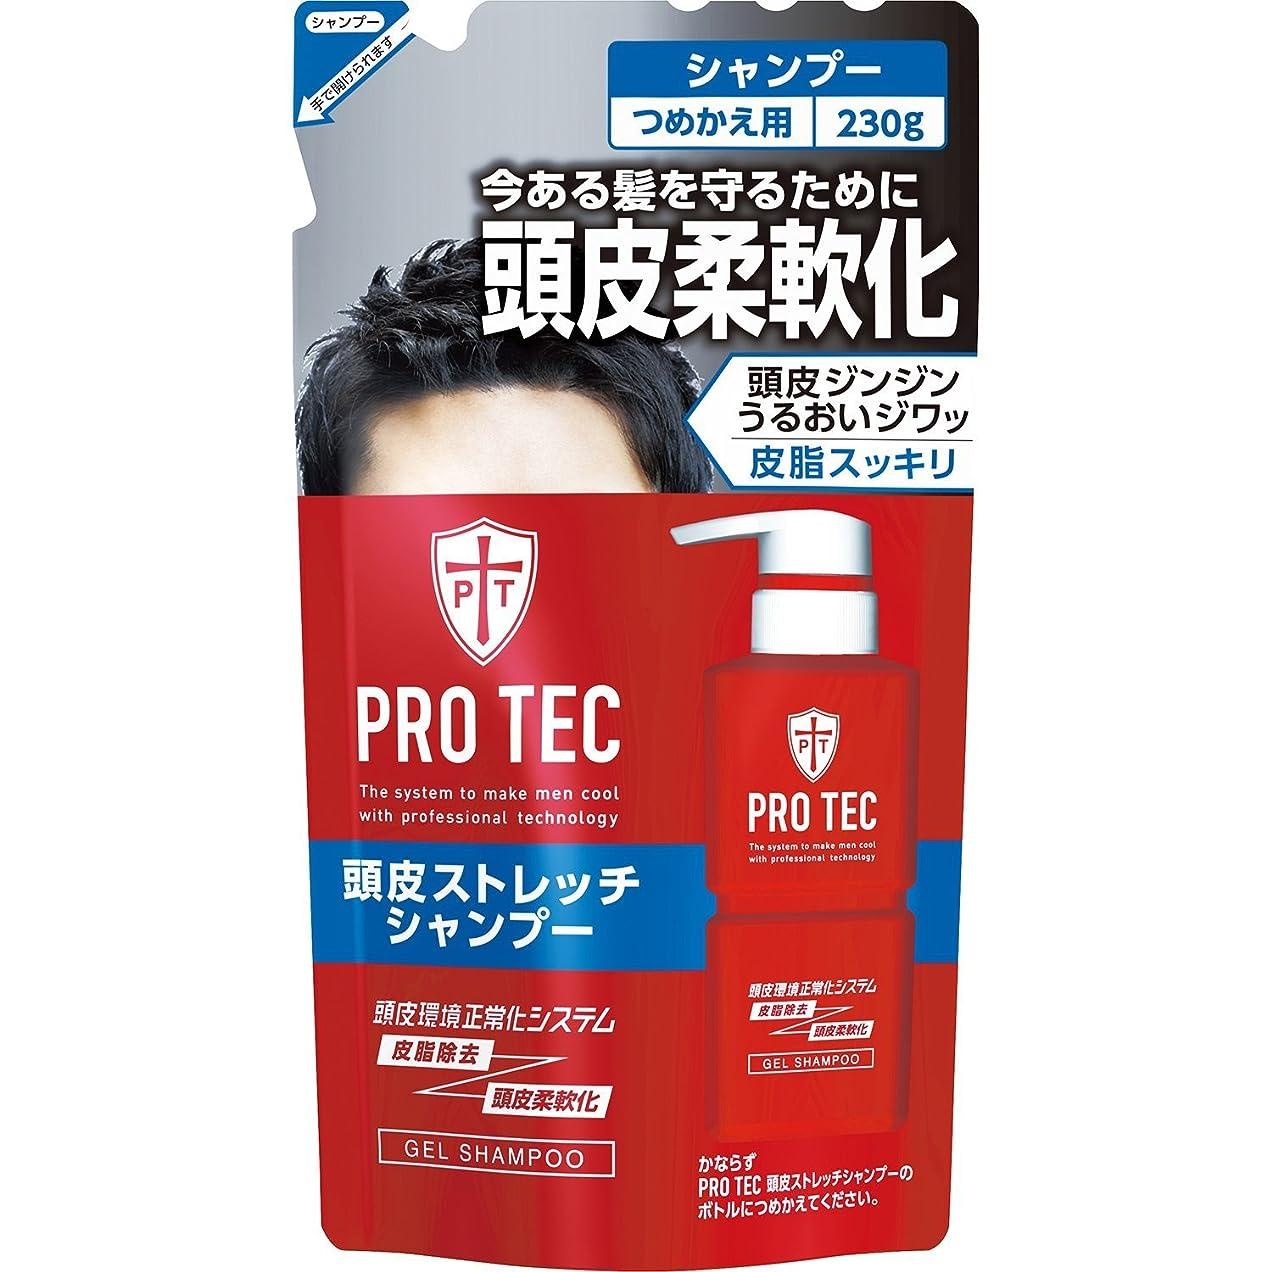 であること貢献ペッカディロPRO TEC(プロテク) 頭皮ストレッチ シャンプー 詰め替え 230g(医薬部外品)